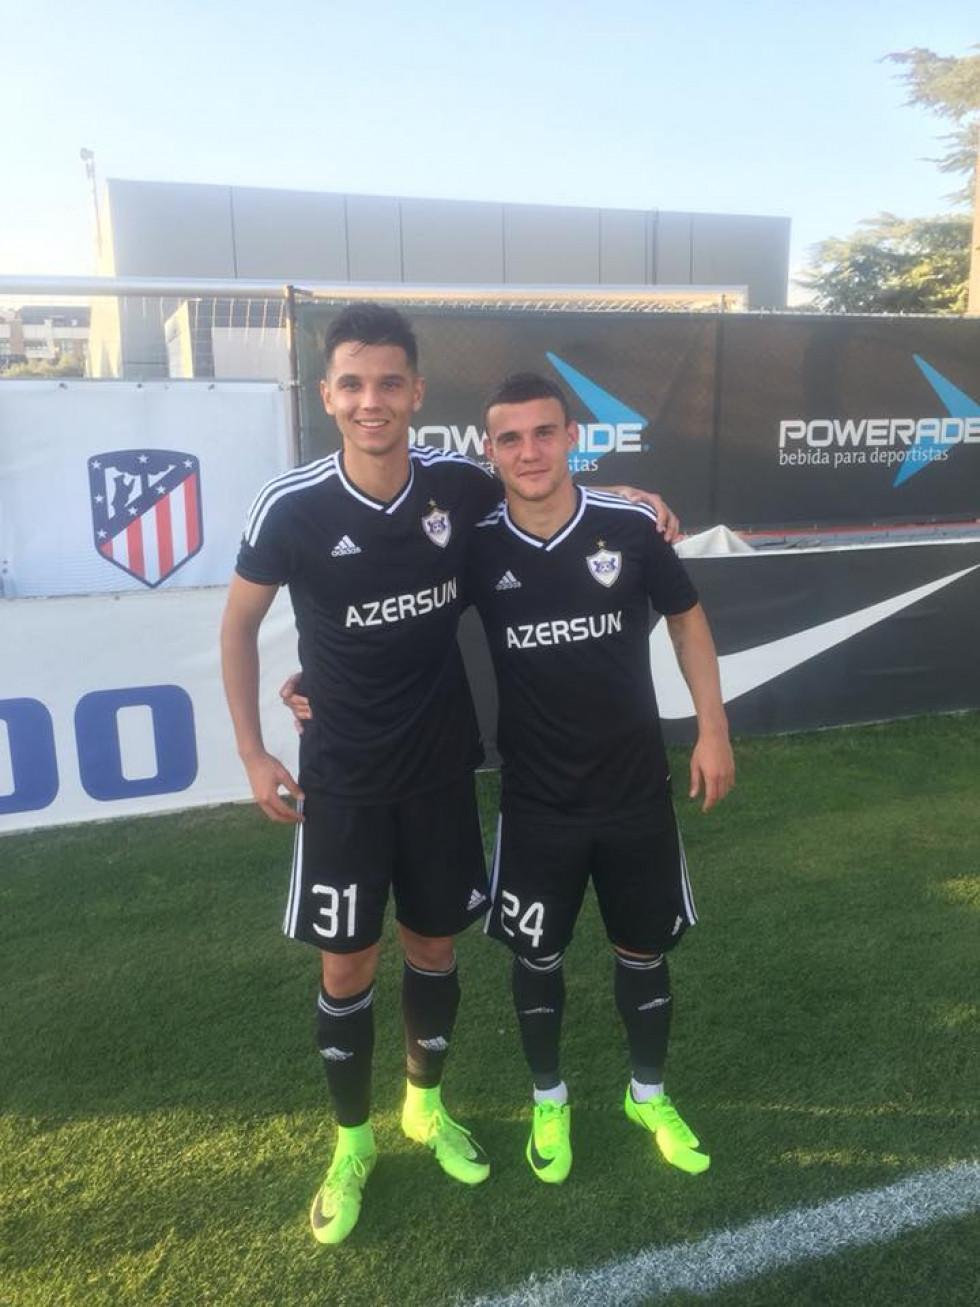 Деда розповів, що у Азербайджані дуже хороші відносини у команді